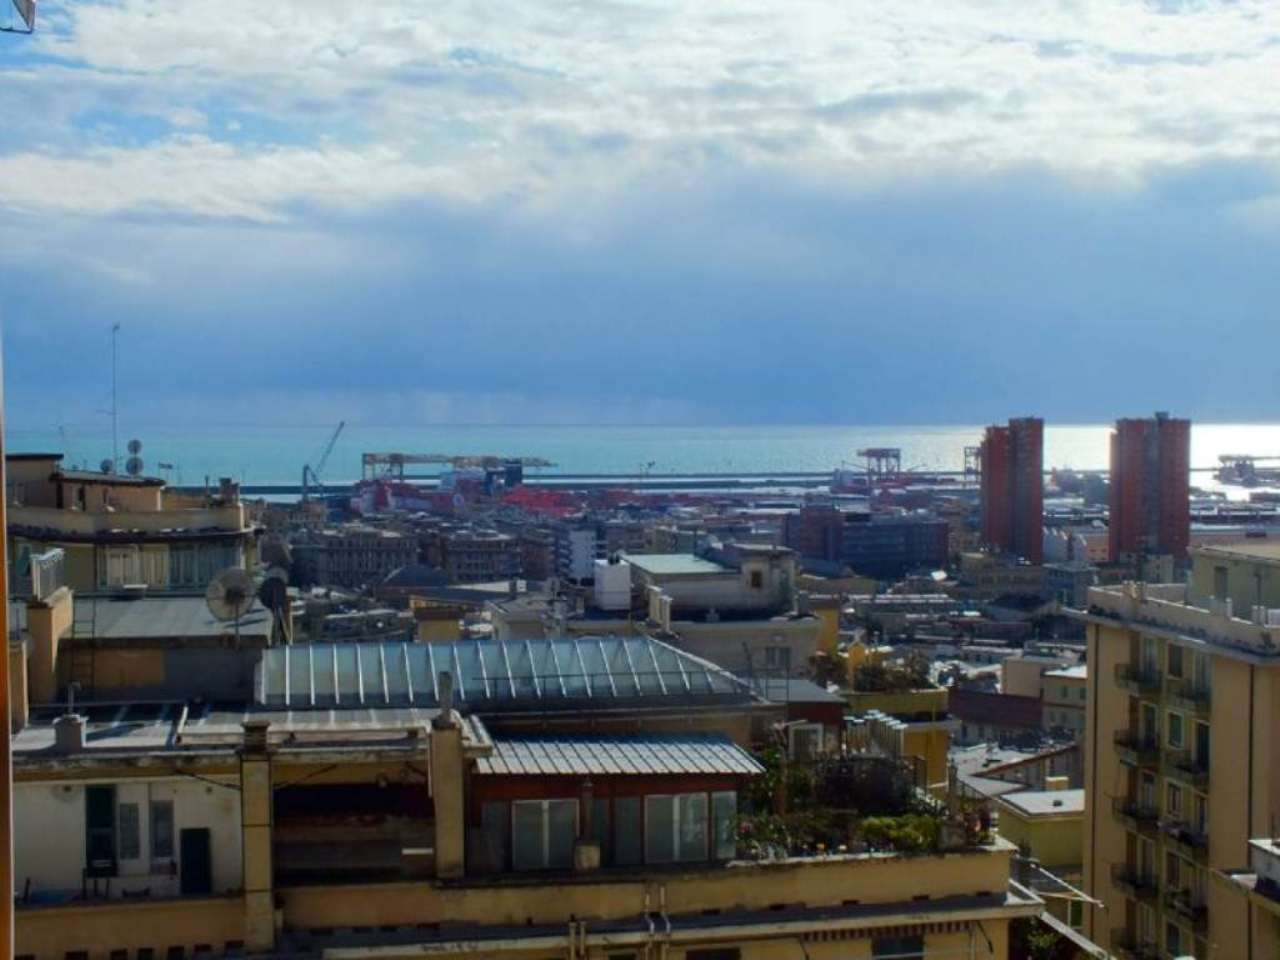 Appartamento in vendita a Genova, 5 locali, zona Zona: 8 . Sampierdarena, Certosa-Rivarolo, Centro Ovest, S.Teodoro, prezzo € 159.000 | Cambio Casa.it